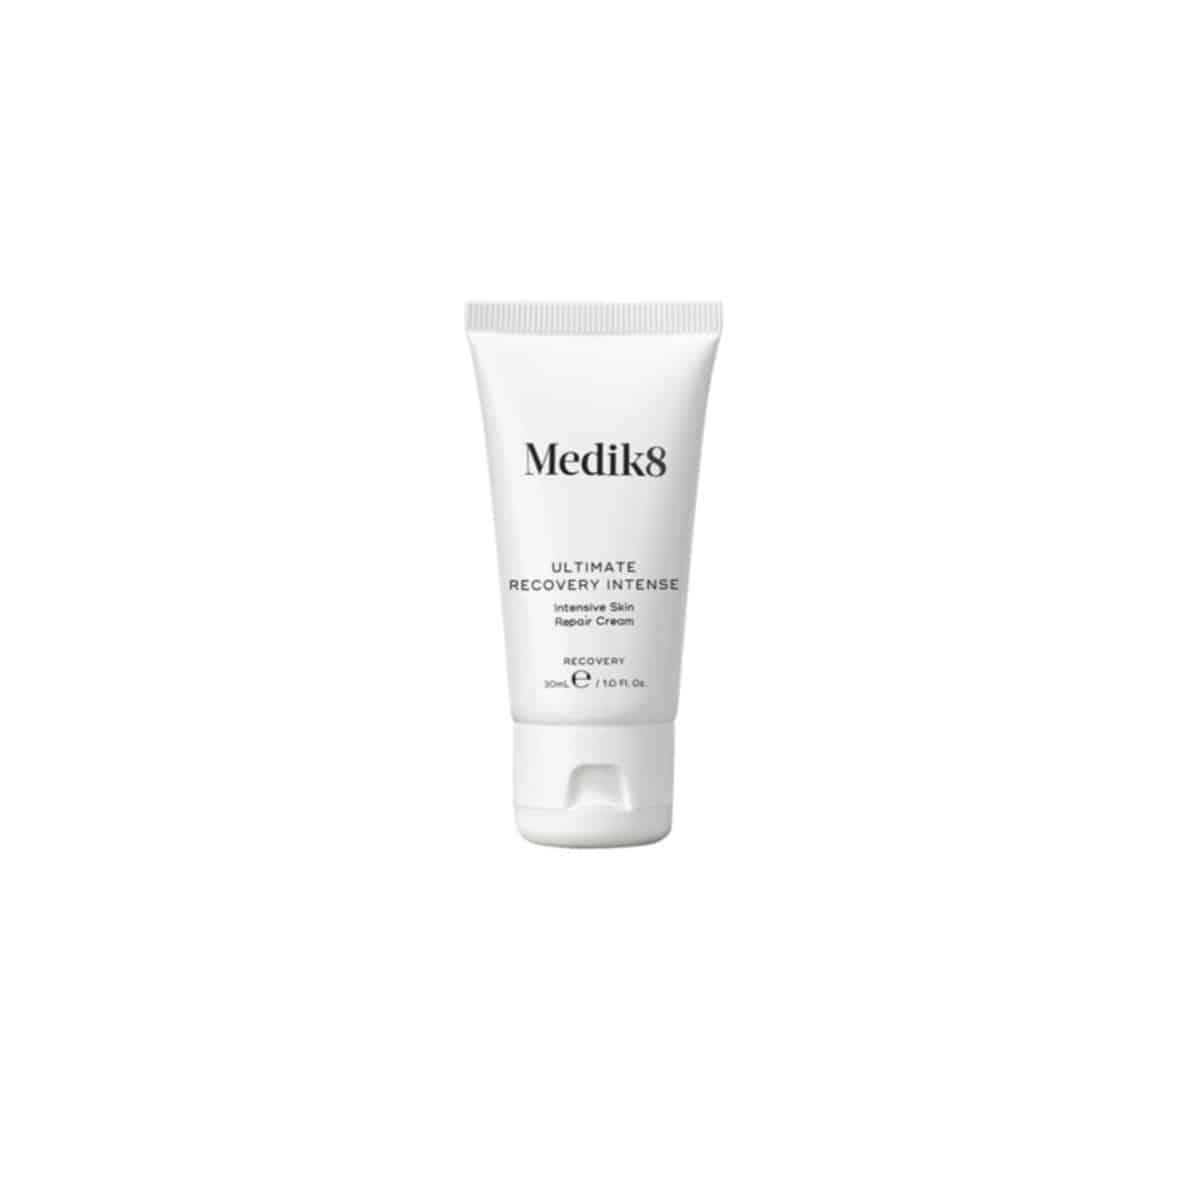 Medik8 Ultimate Recovery Intense repair cream